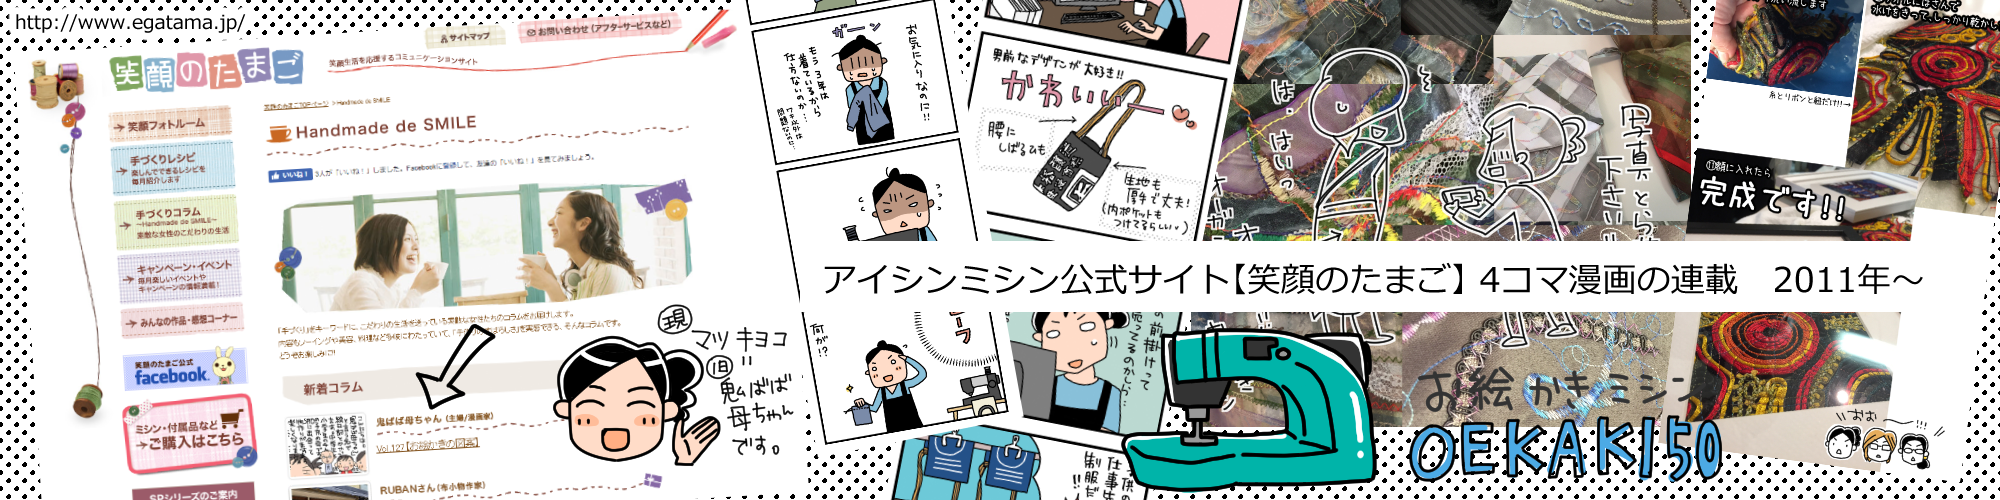 アイシンミシン公式サイト【笑顔のたまご】で4コマ漫画を連載中